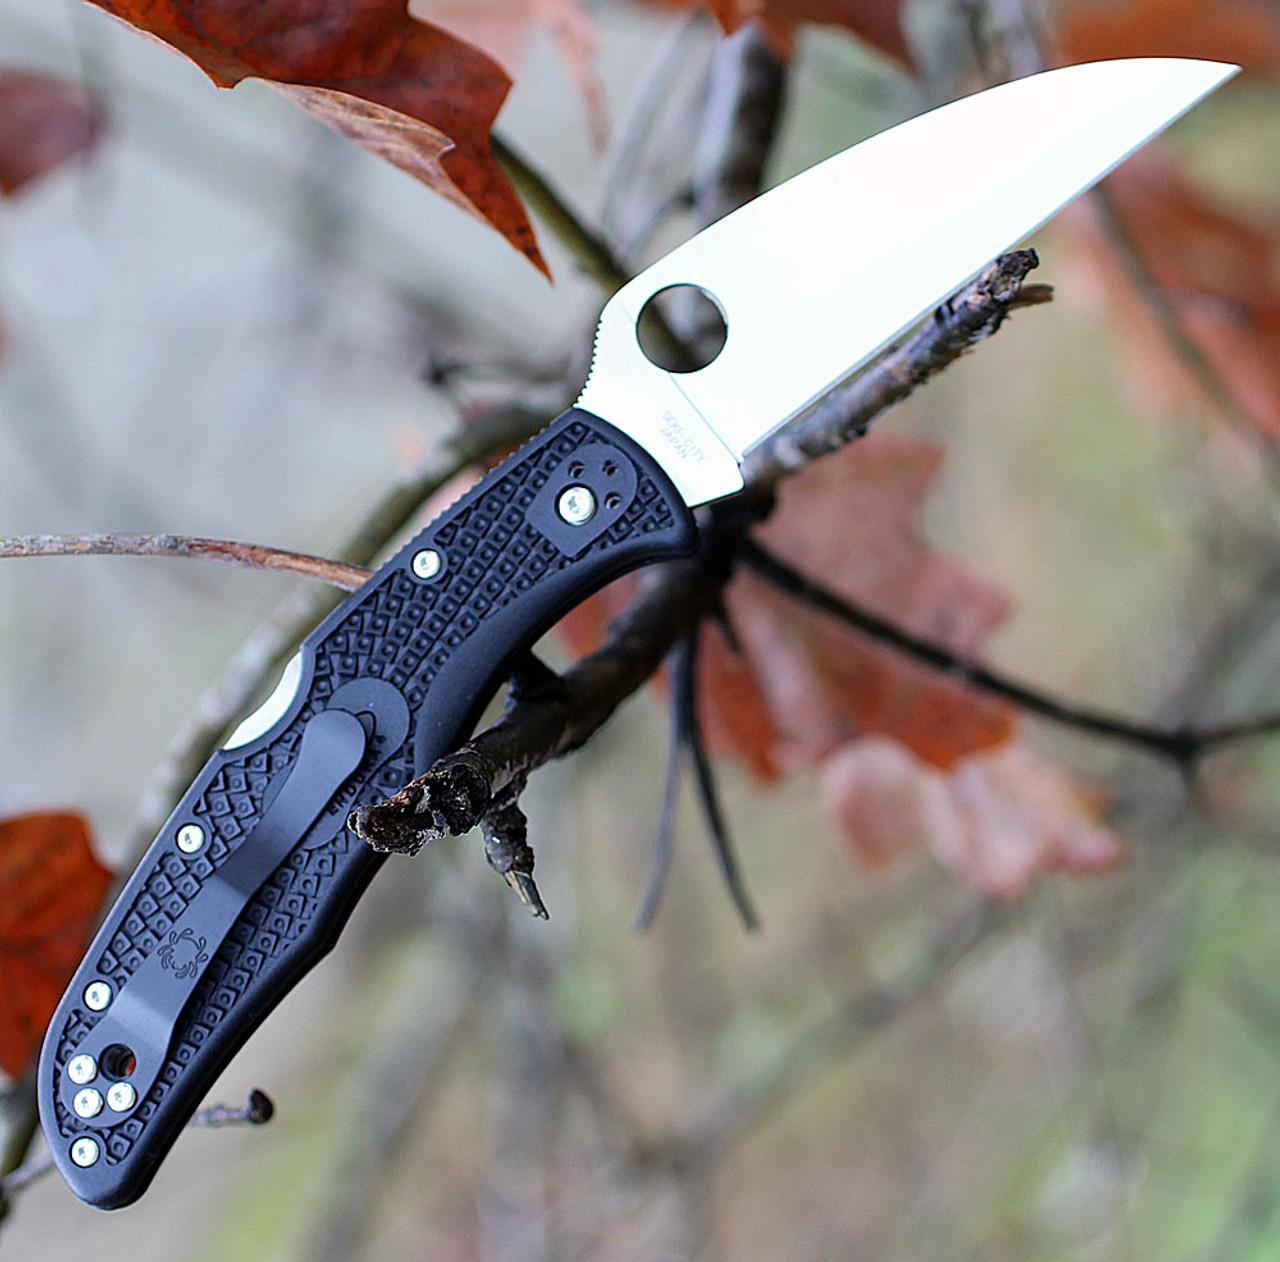 Spyderco Endura 4 Wharncliffe Plain Taschenmesser Clip Back Lock VG10 Klinge